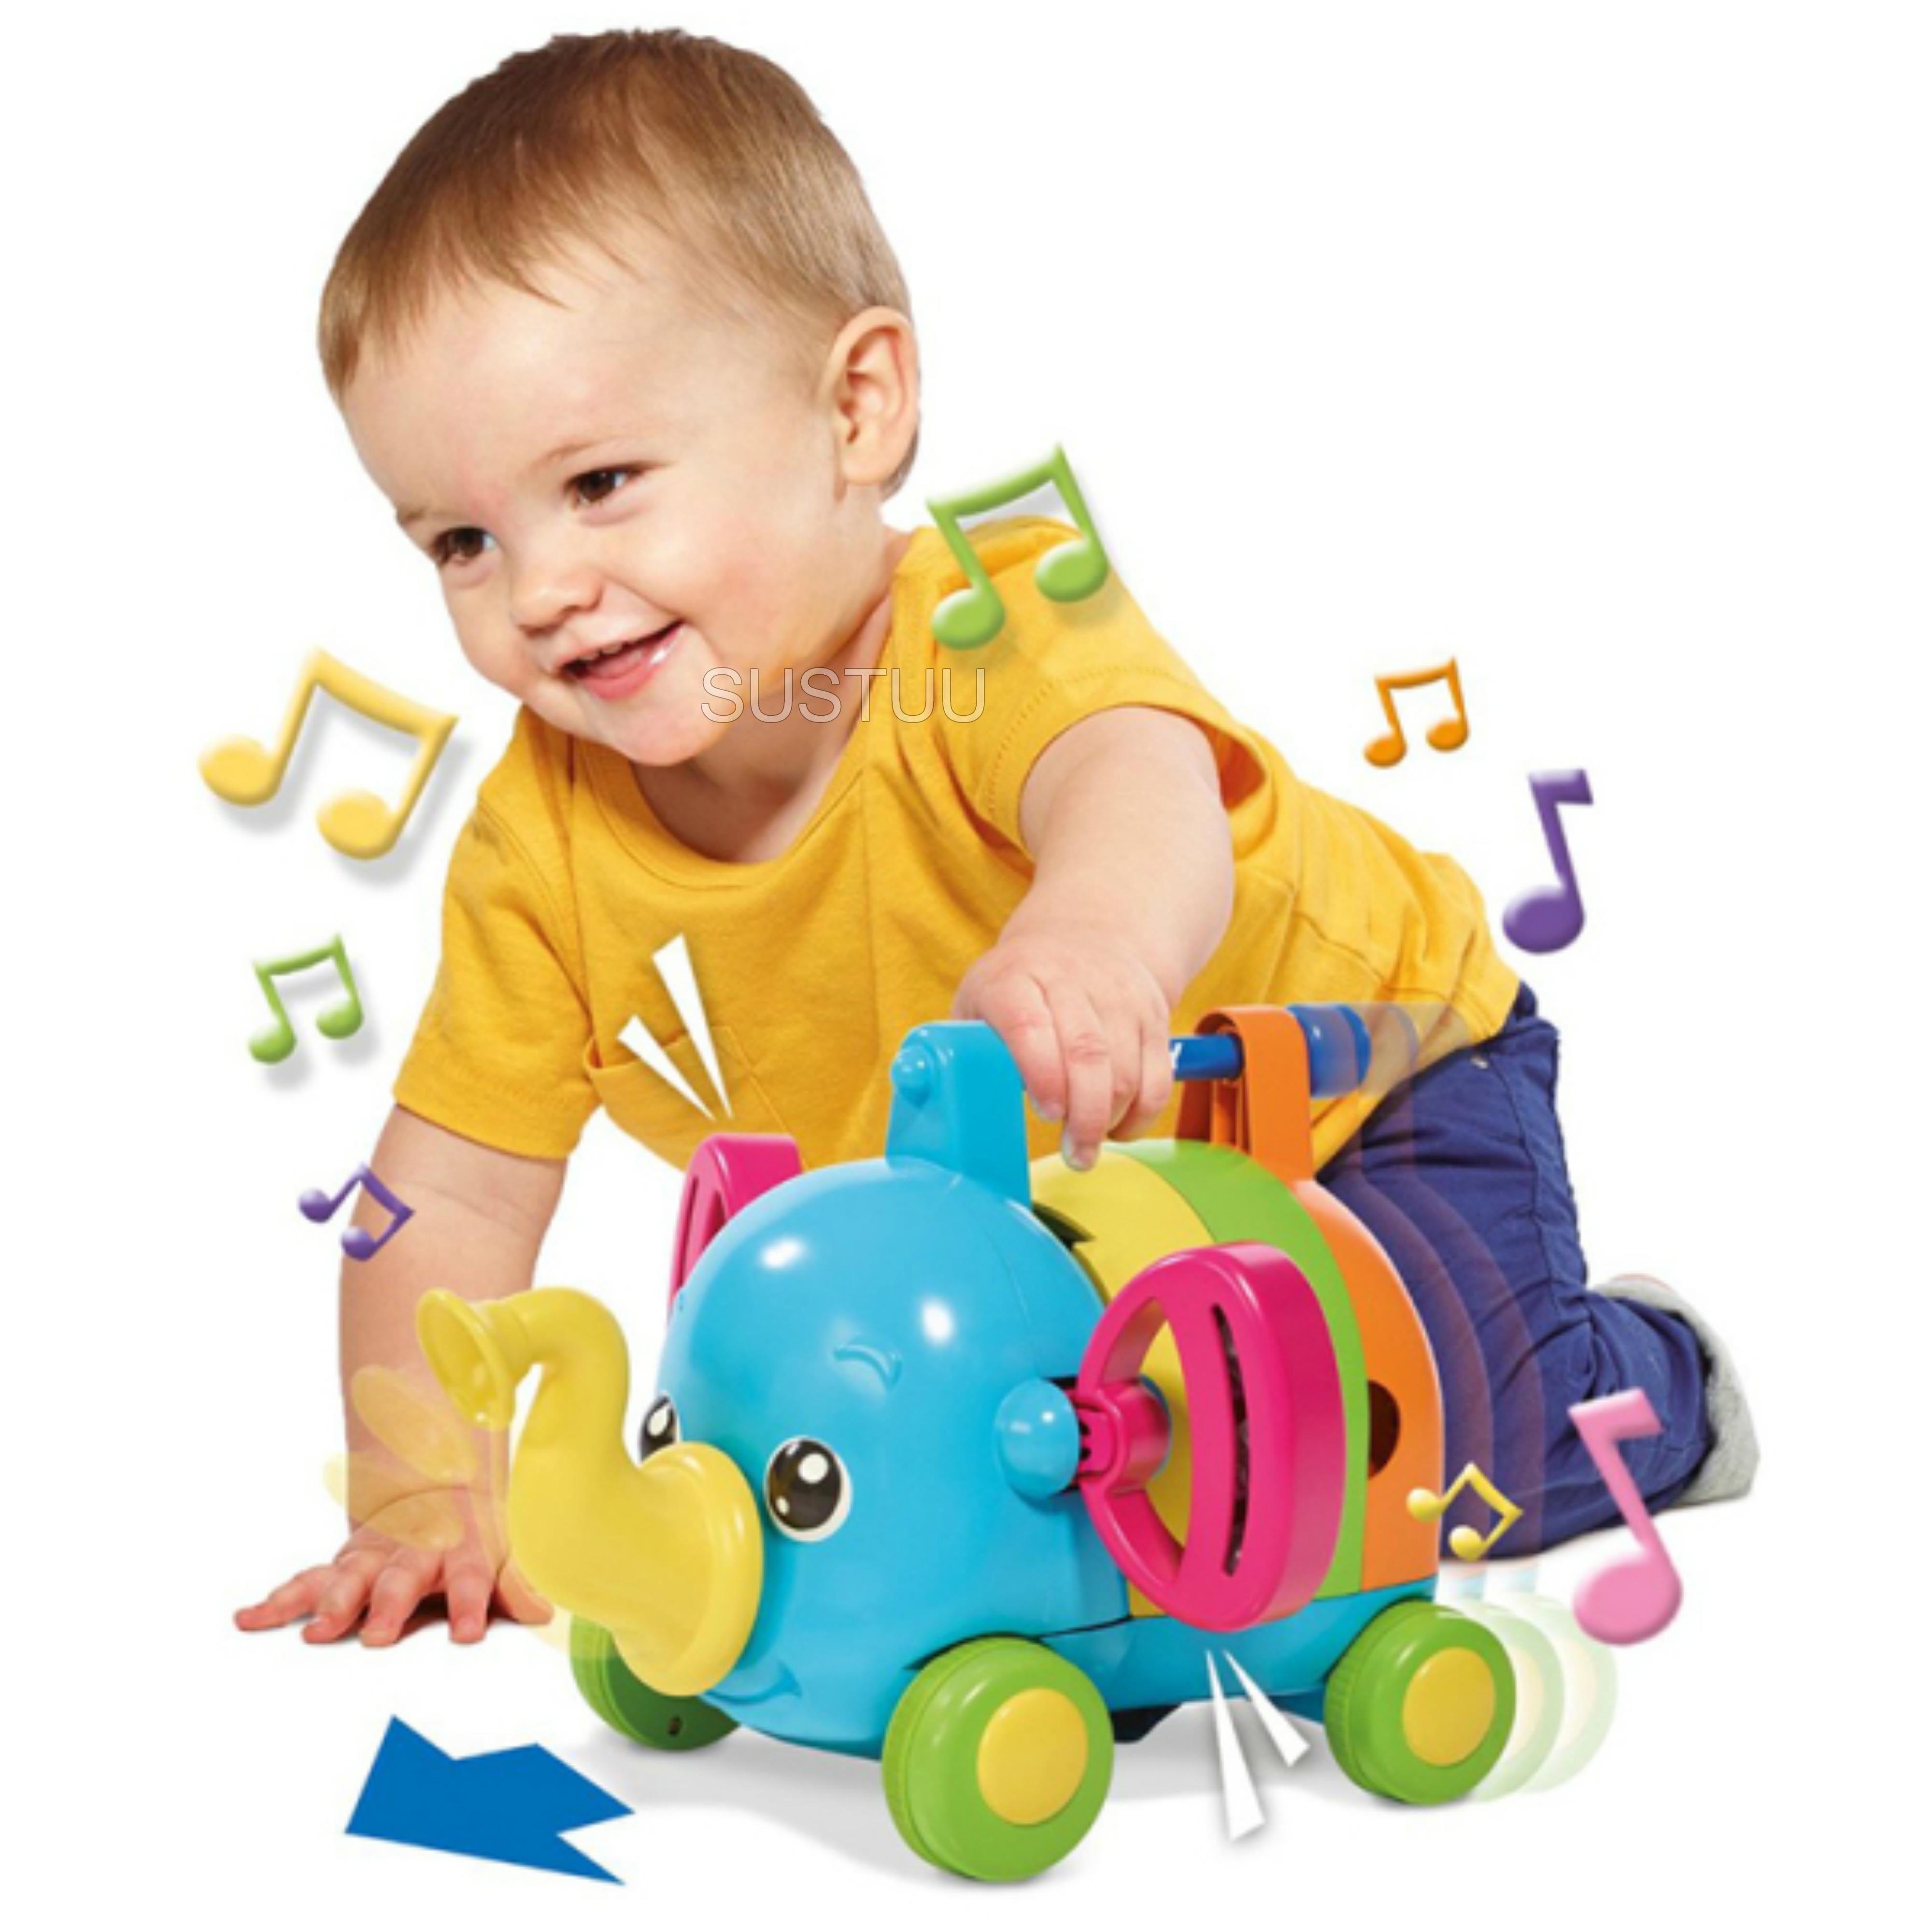 TOMY E72377 Jumbo Jamboree Musical Elephant Sound Puzzle Infant 12+ Kid Toddler